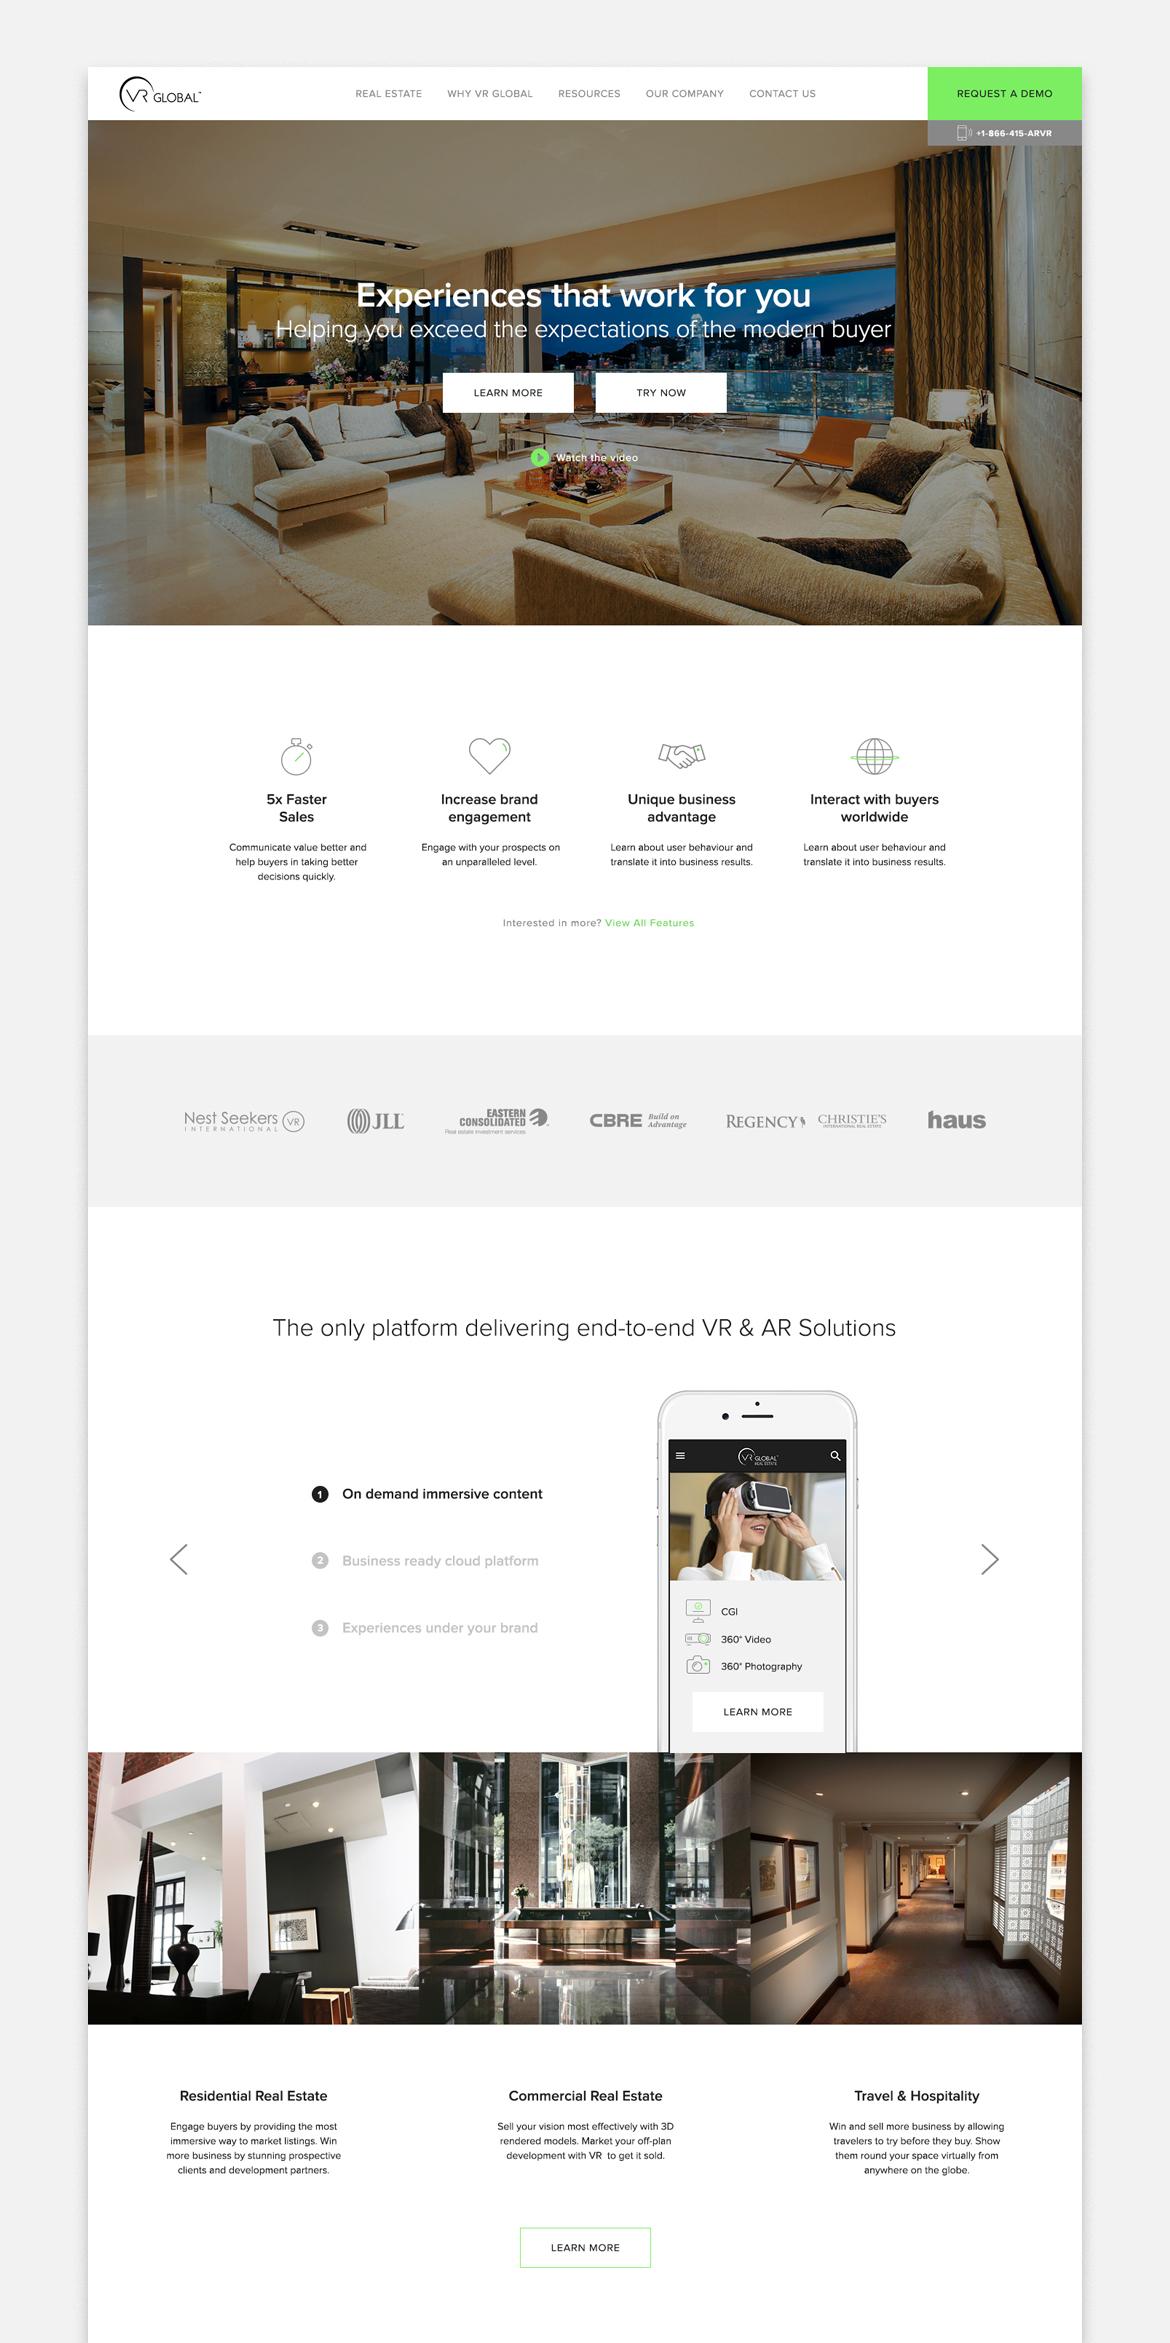 VR Global website by Dawid Koniuszewski Design